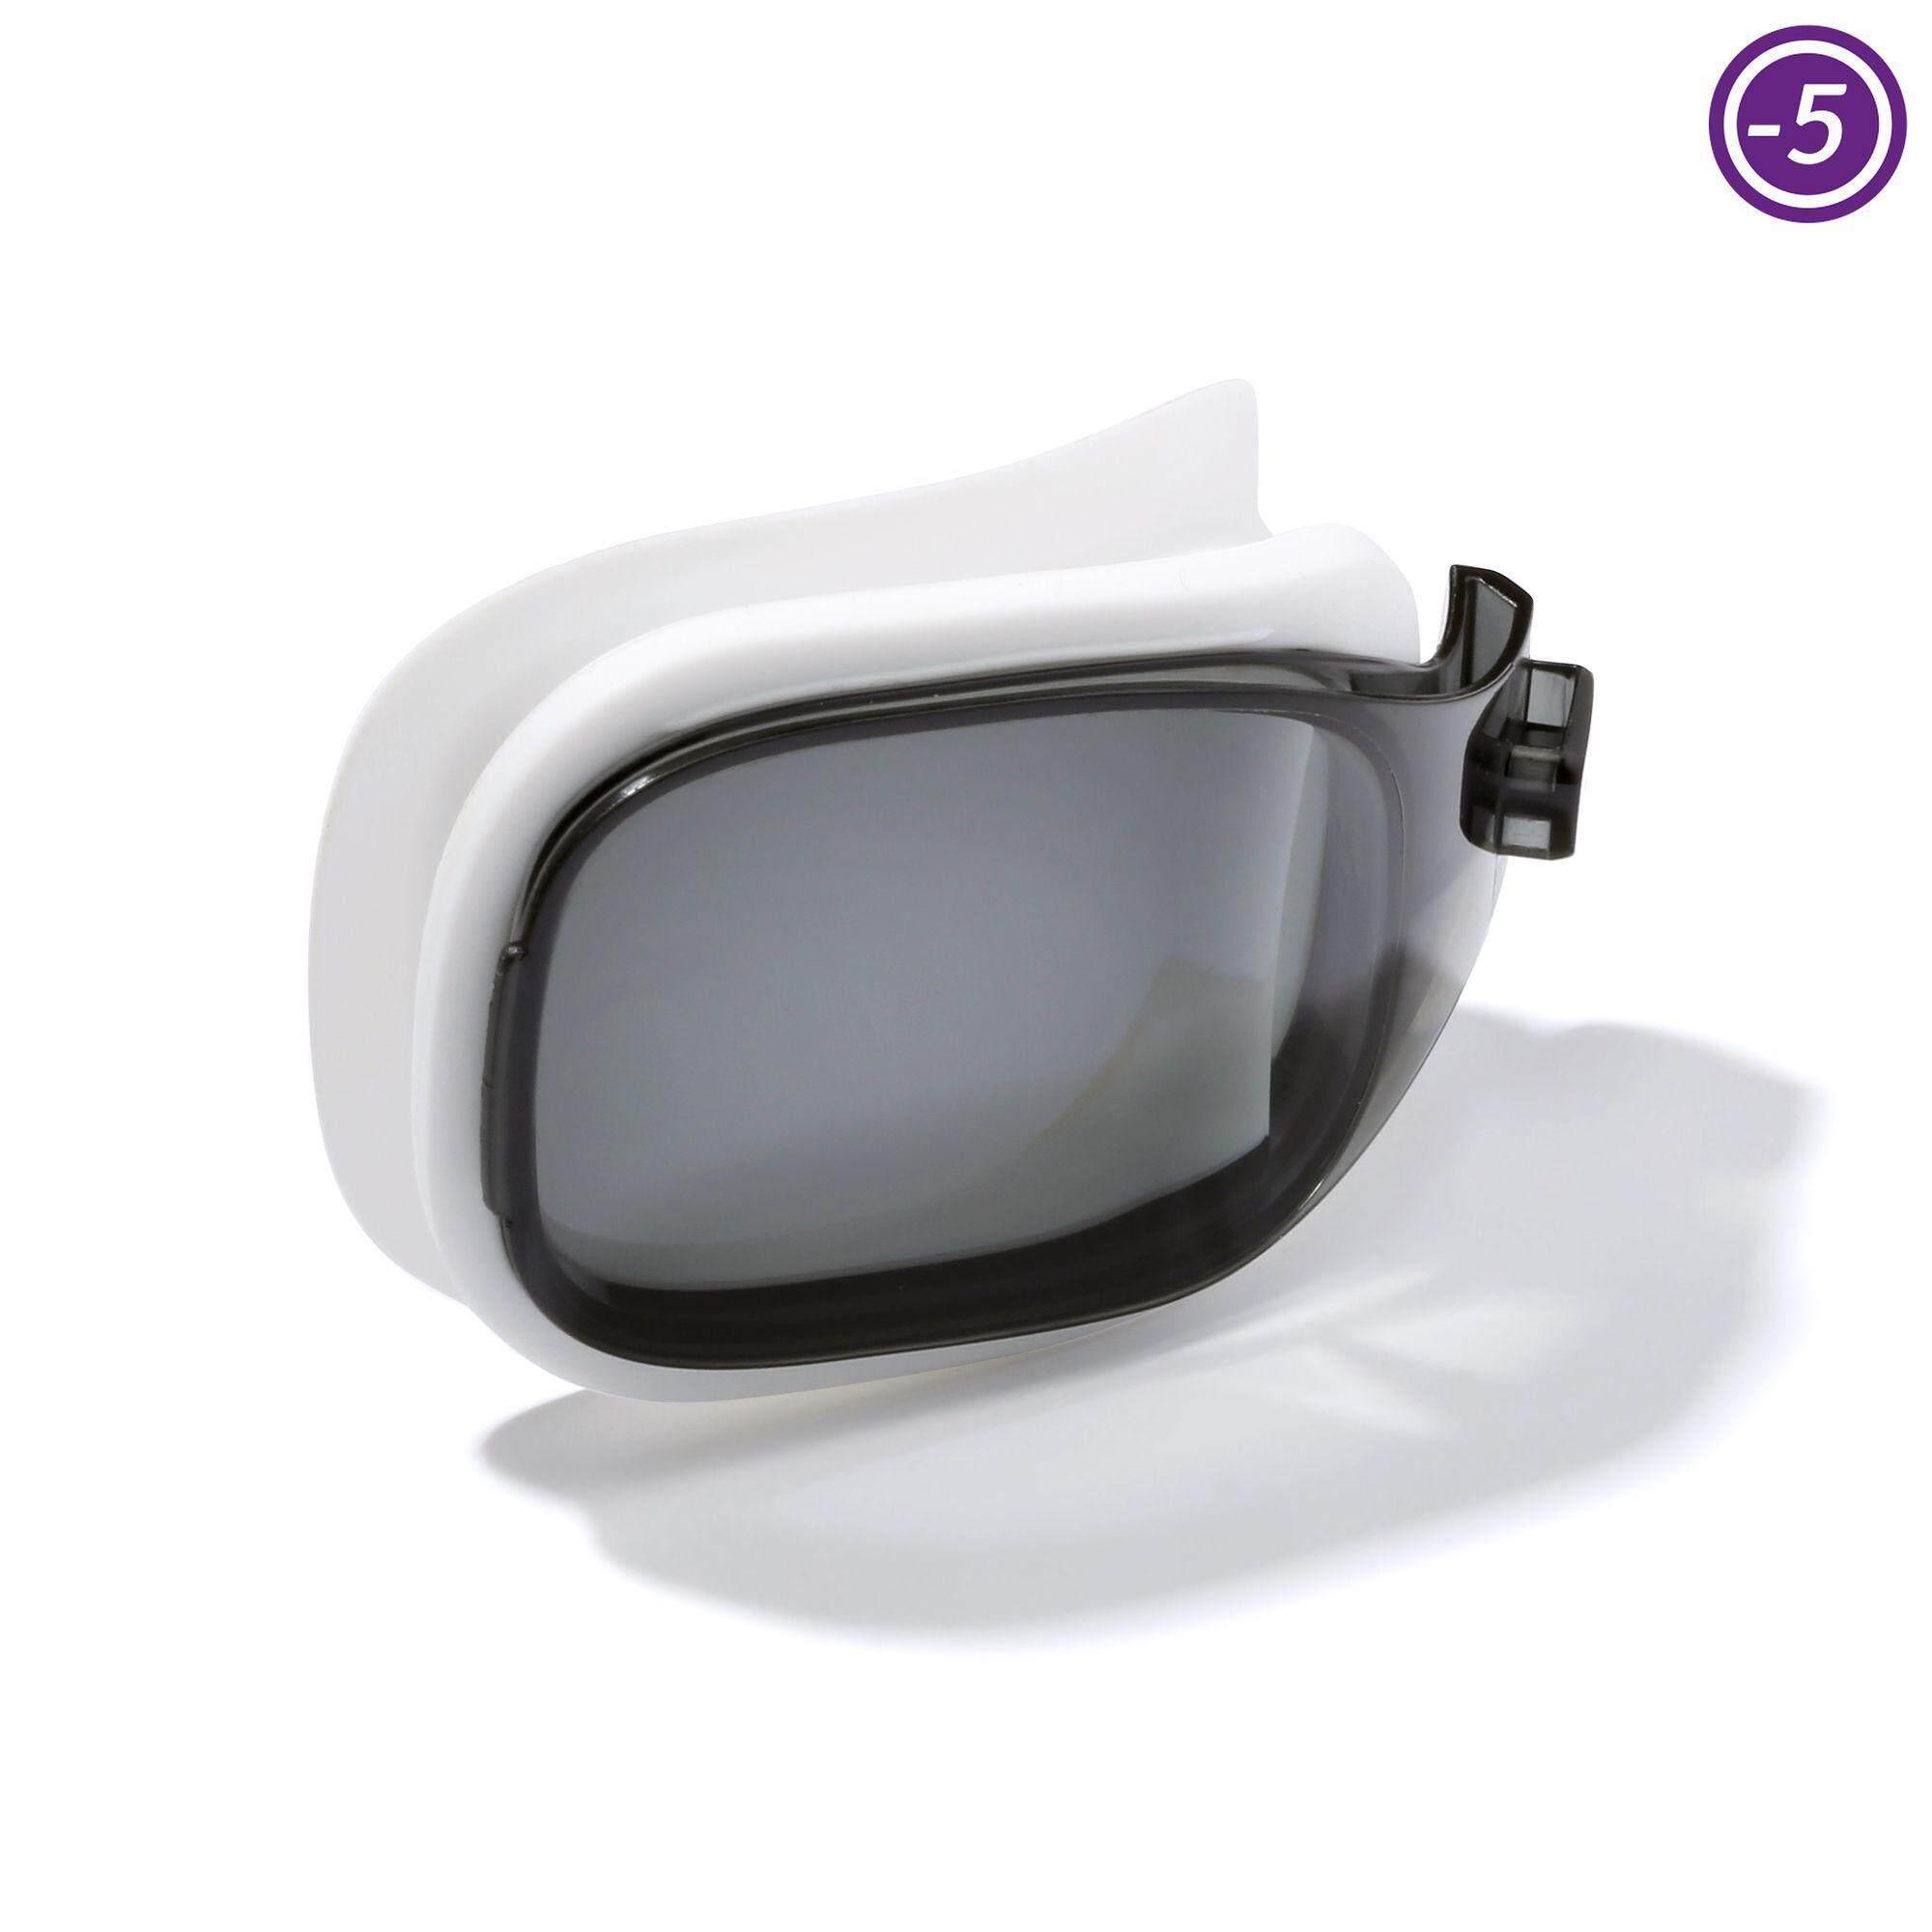 [ด่วน!! โปรโมชั่นมีจำนวนจำกัด]เลนส์ปรับสายตาสำหรับแว่นตาว่ายน้ำรุ่น SELFIT ขนาด L (สี SMOKE) สายตาสั้น -5